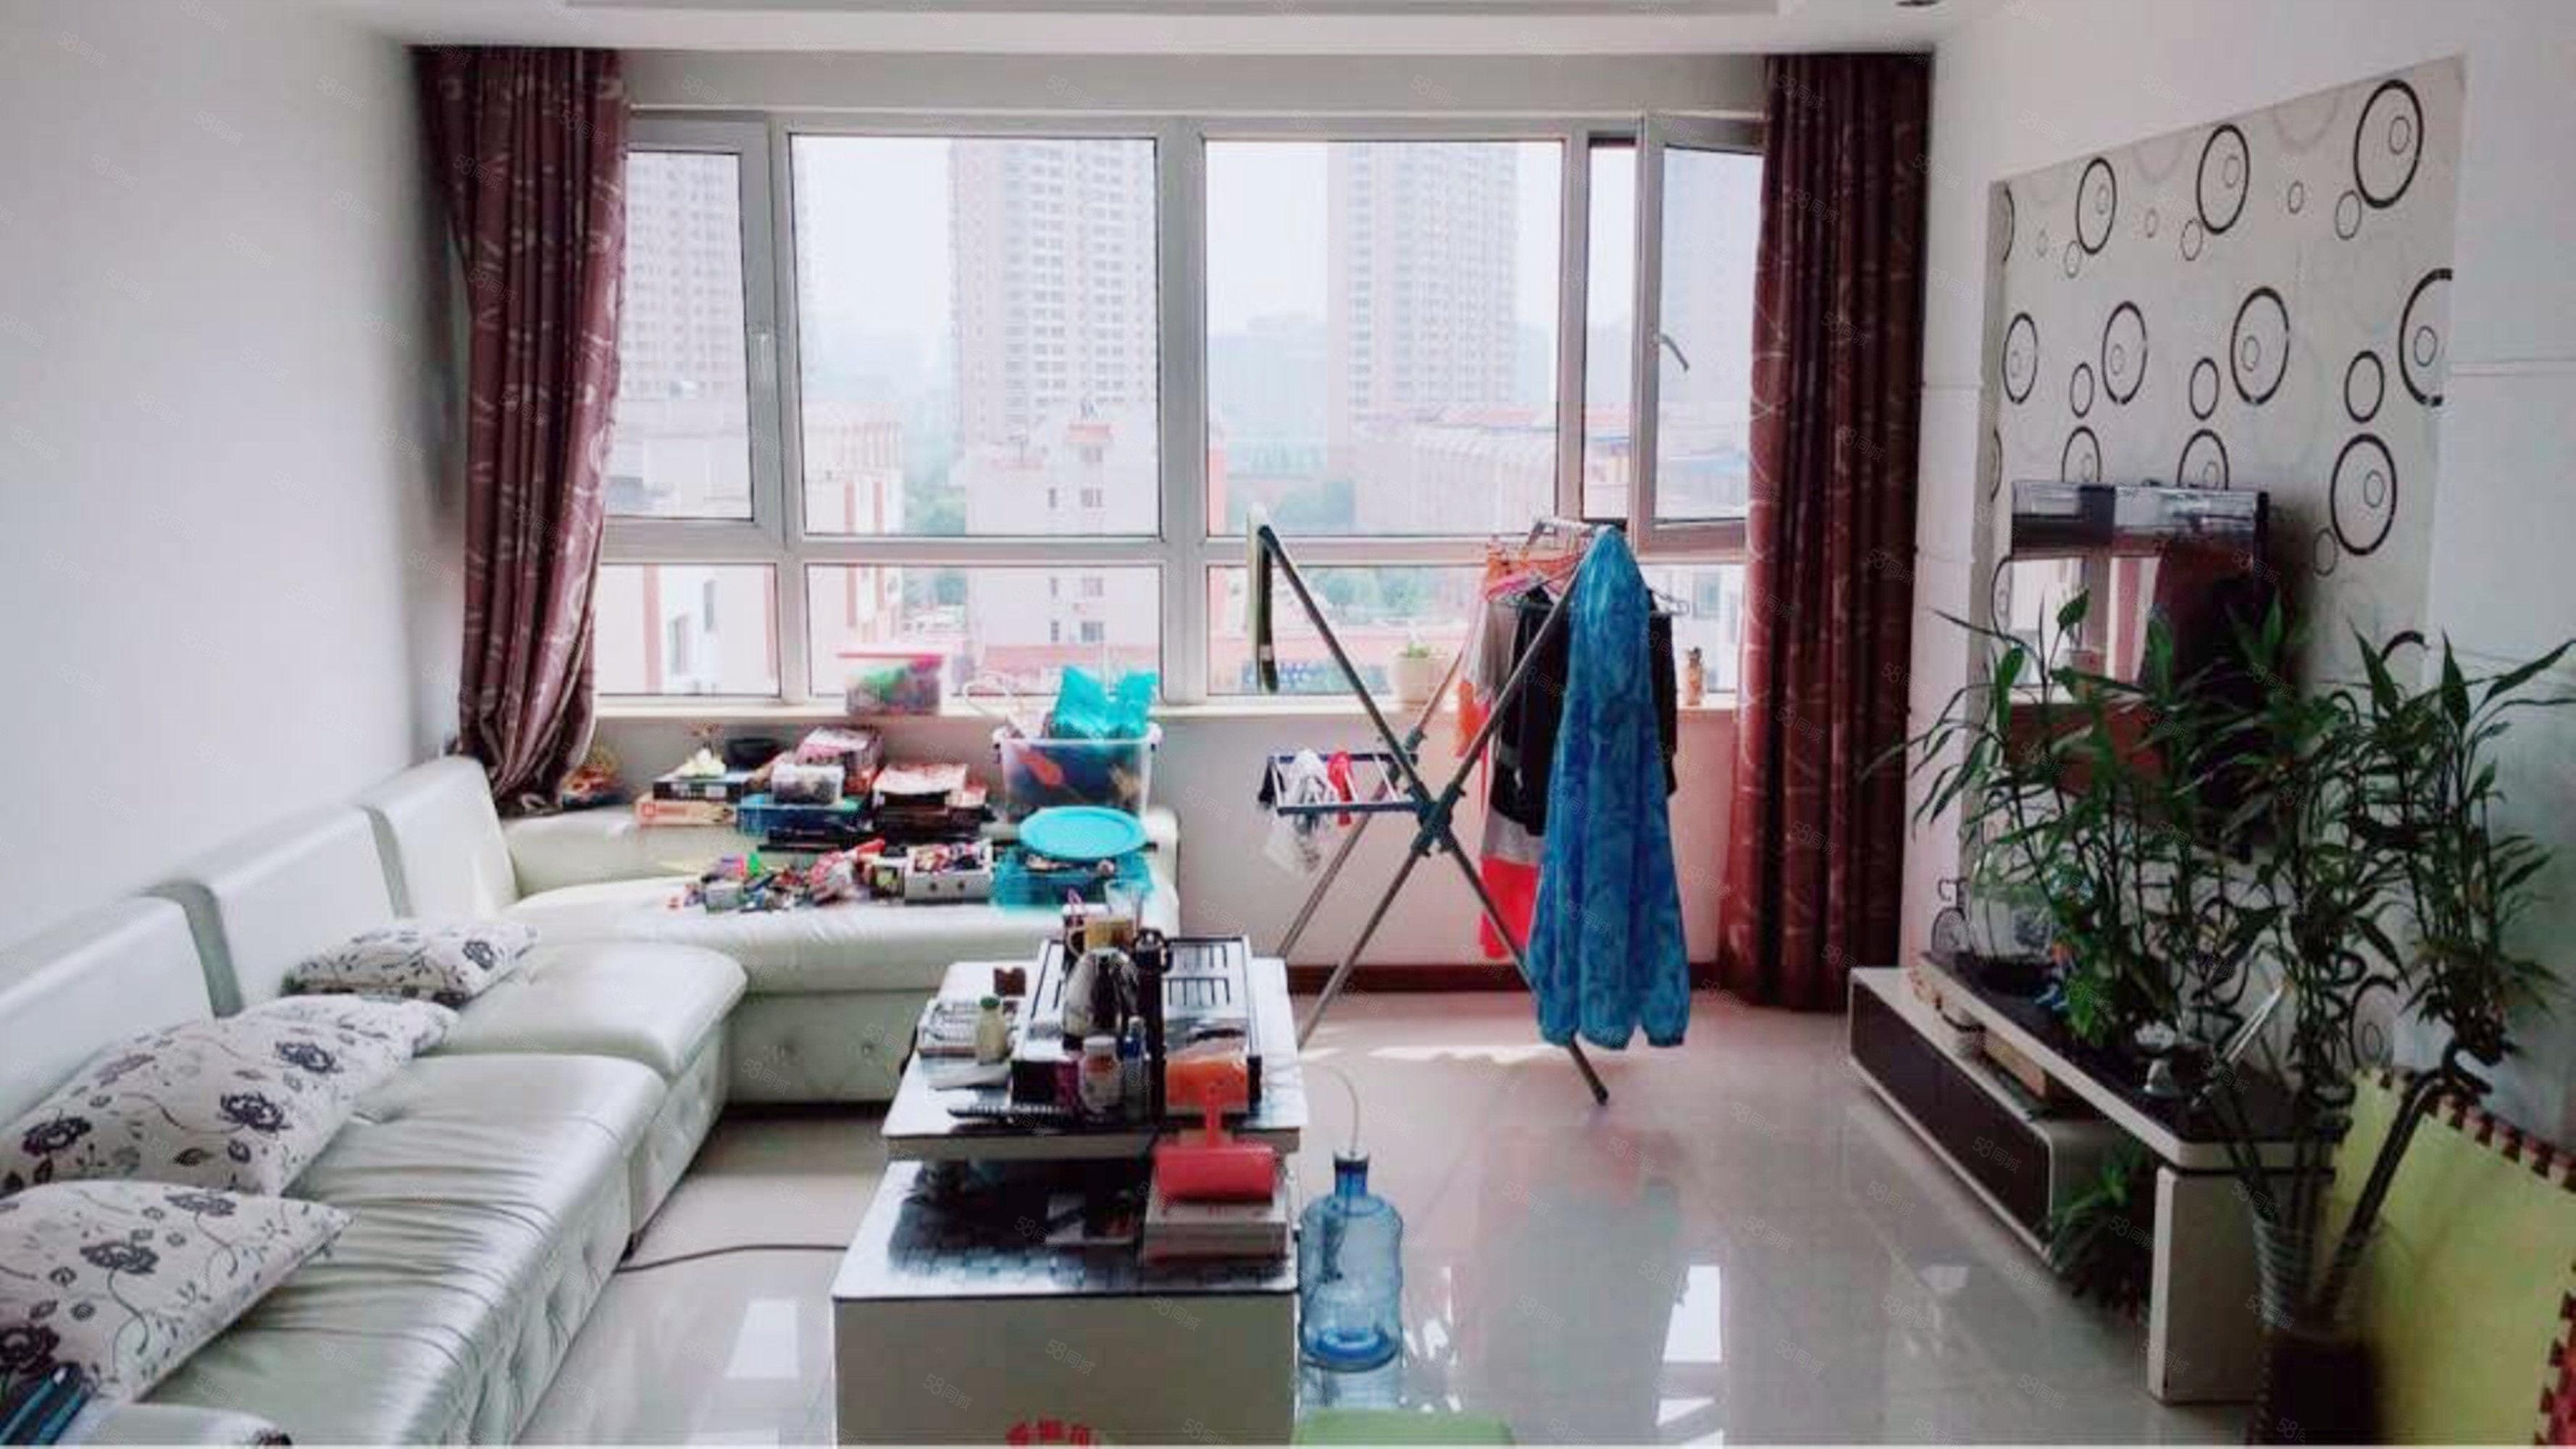 [合家]经纬嘉园102平3室精装修锦州乐可贷款送15平仓房